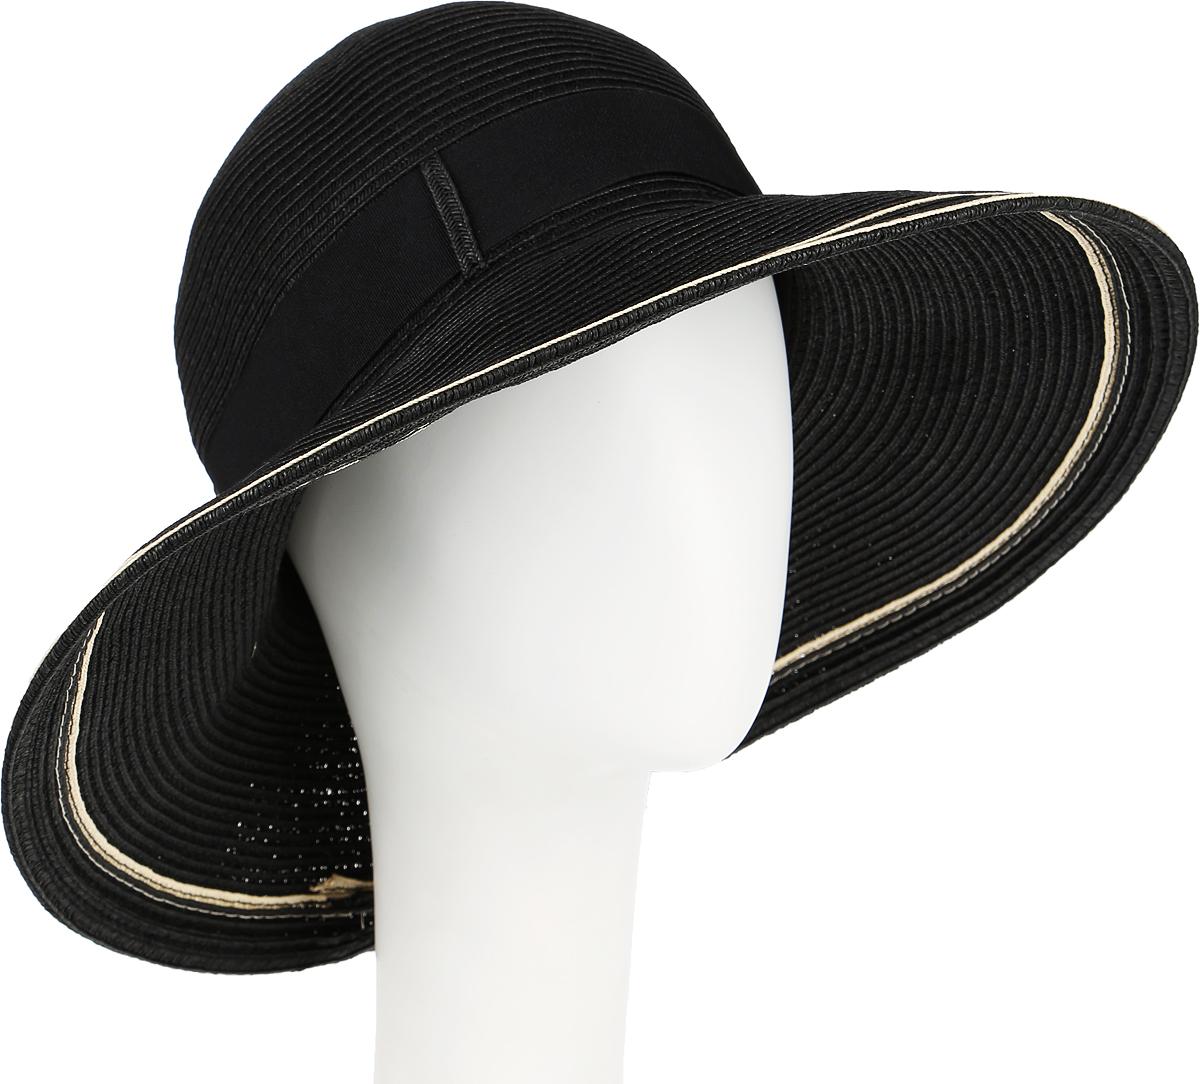 Шляпа женская Canoe Chic, цвет: черный. 1966191. Размер 561966191Очаровательная женская шляпа Canoe Chic, выполненная из искусственной соломы и прочного полиэстера, станет незаменимым аксессуаром для пляжа и отдыха на природе. Широкие поля шляпы обеспечат надежную защиту от солнечных лучей.Шляпа оформлена декоративной лентой с бантом. Плетение шляпы обеспечивает необходимую вентиляцию и комфорт даже в самый знойный день. Шляпа легко восстанавливает свою форму после сжатия.Стильная шляпа с элегантными волнистыми полями подчеркнет вашу неповторимость и дополнит ваш повседневный образ.